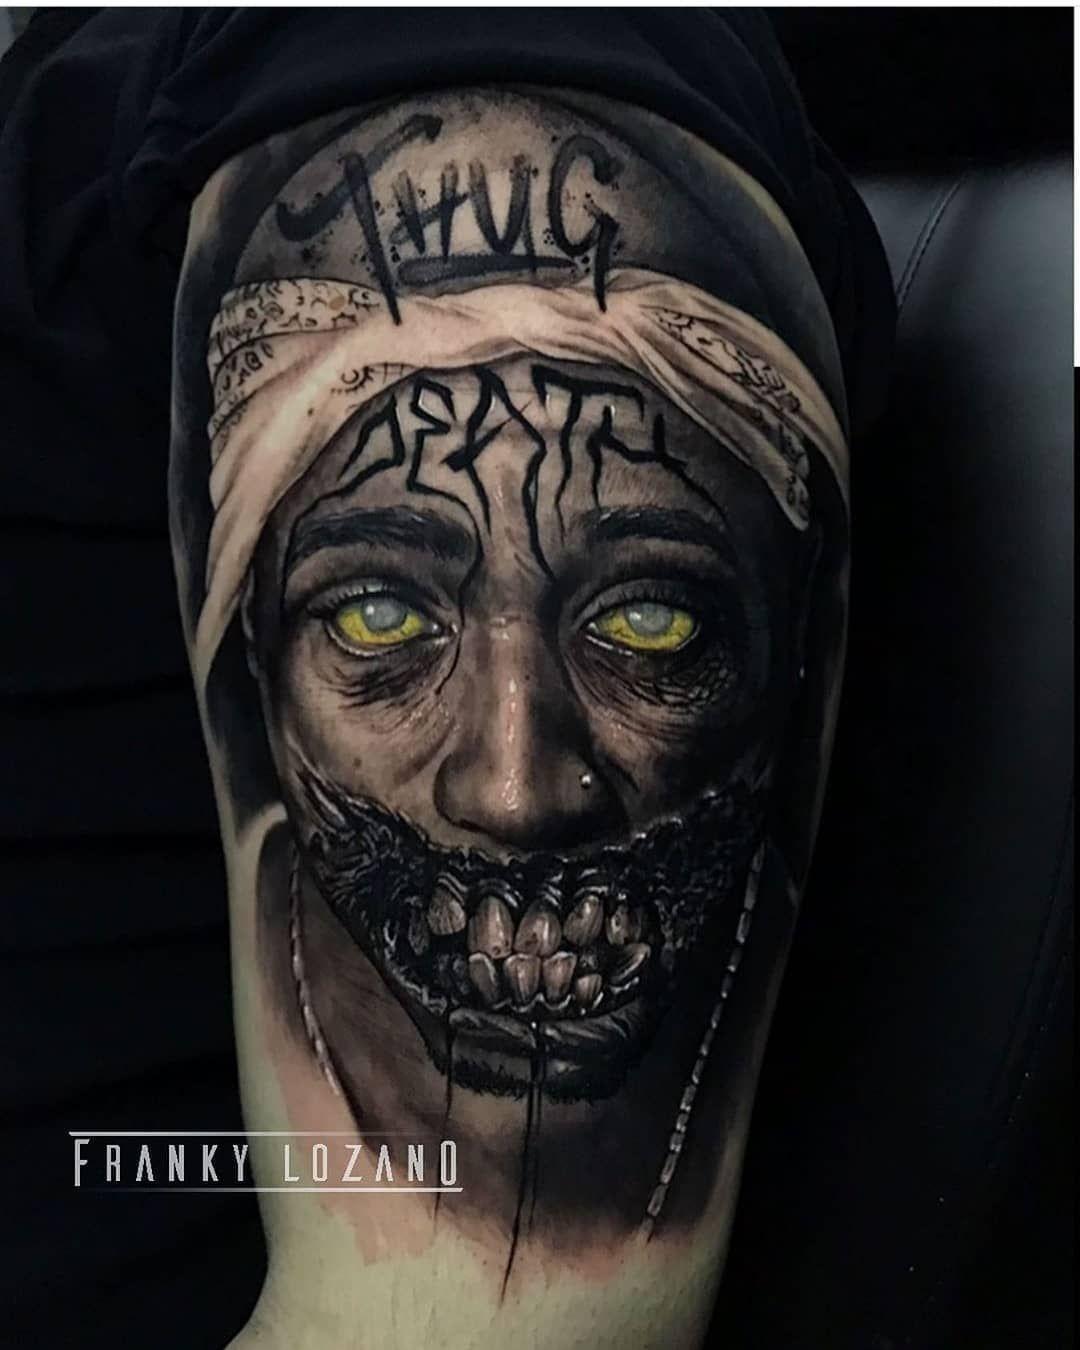 Tattoo Artist @tattoo_franky_lozano 👽👽👽 FOLLOW US 👽👽👽 #tattoowork #toptattooartist #blackandgreytattoo #2pac #tattoogallery #sleevetattoo #tattooed#tattooidea #fullsleevetattoo #portraittattoo #tattoos #tattoo #tattooist #tattooer #tattoowork #tattooart #tattooartist #thebesttattoo #thebesttattooartists #tattoodo #tattoorealistic #tattoostyle #tattooed #inked #skinart #tattoowork #tattooworld #tattooworkers #tattoostyle #tattooink #tattoos #tattoolife